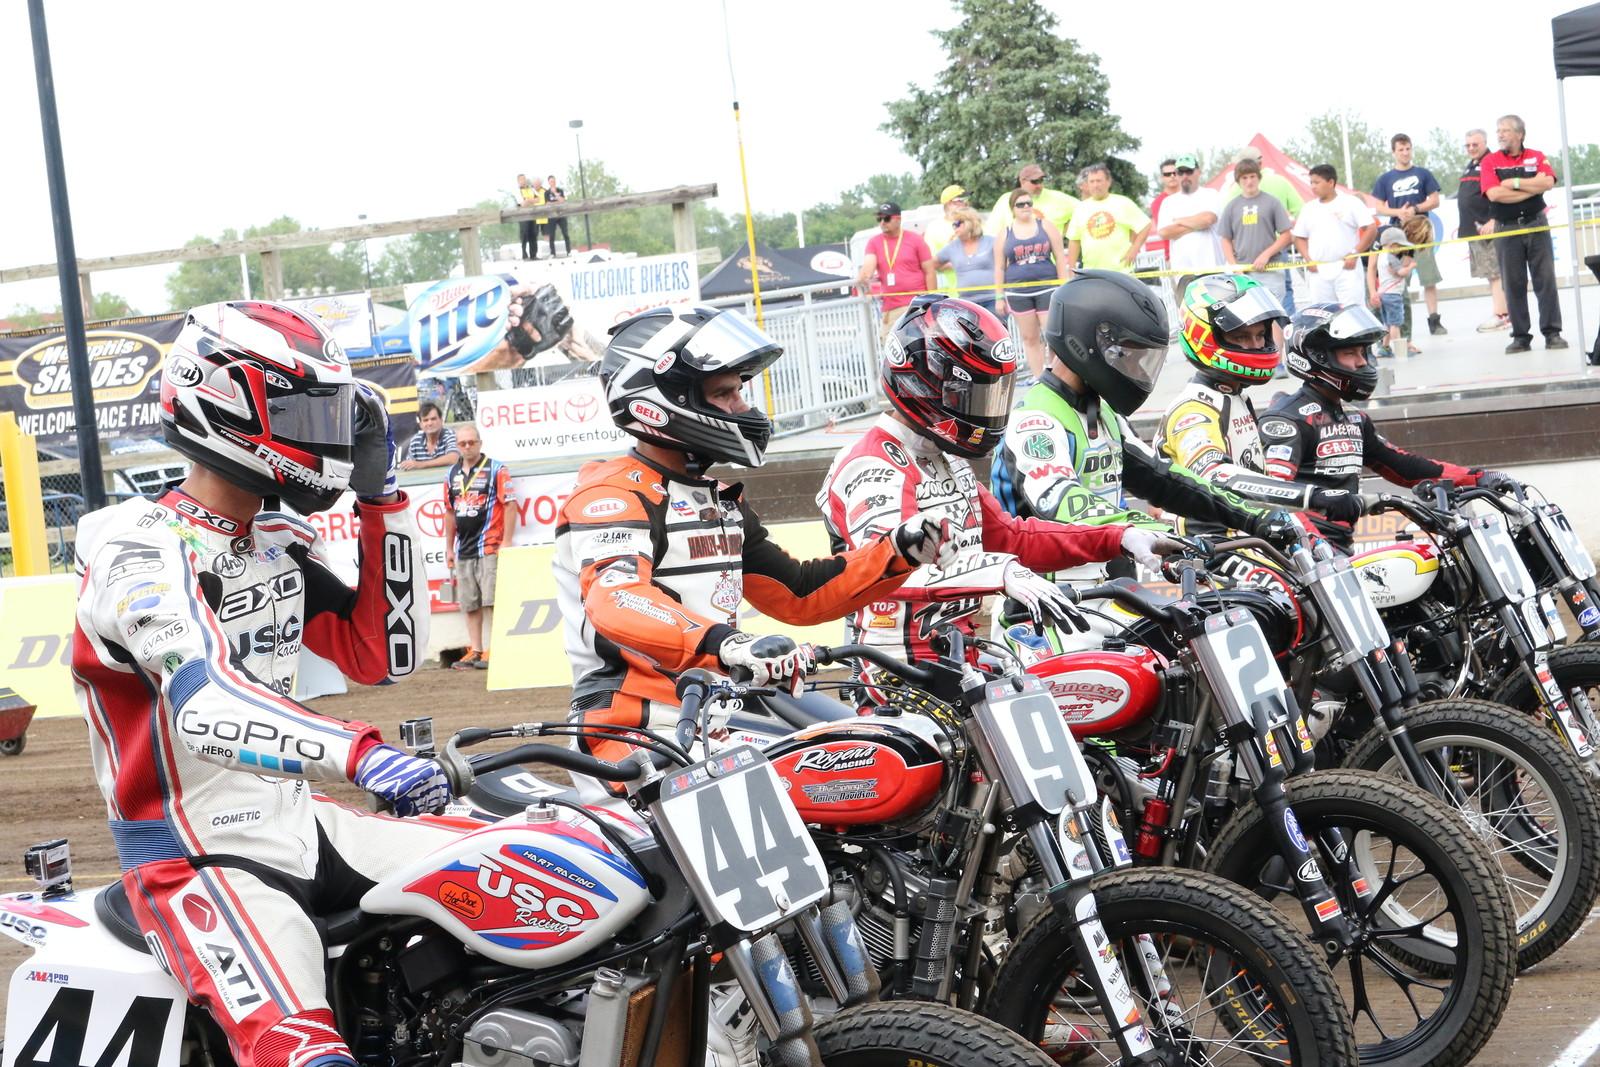 Springfield 2014 - mharmon - Motocross Pictures - Vital MX